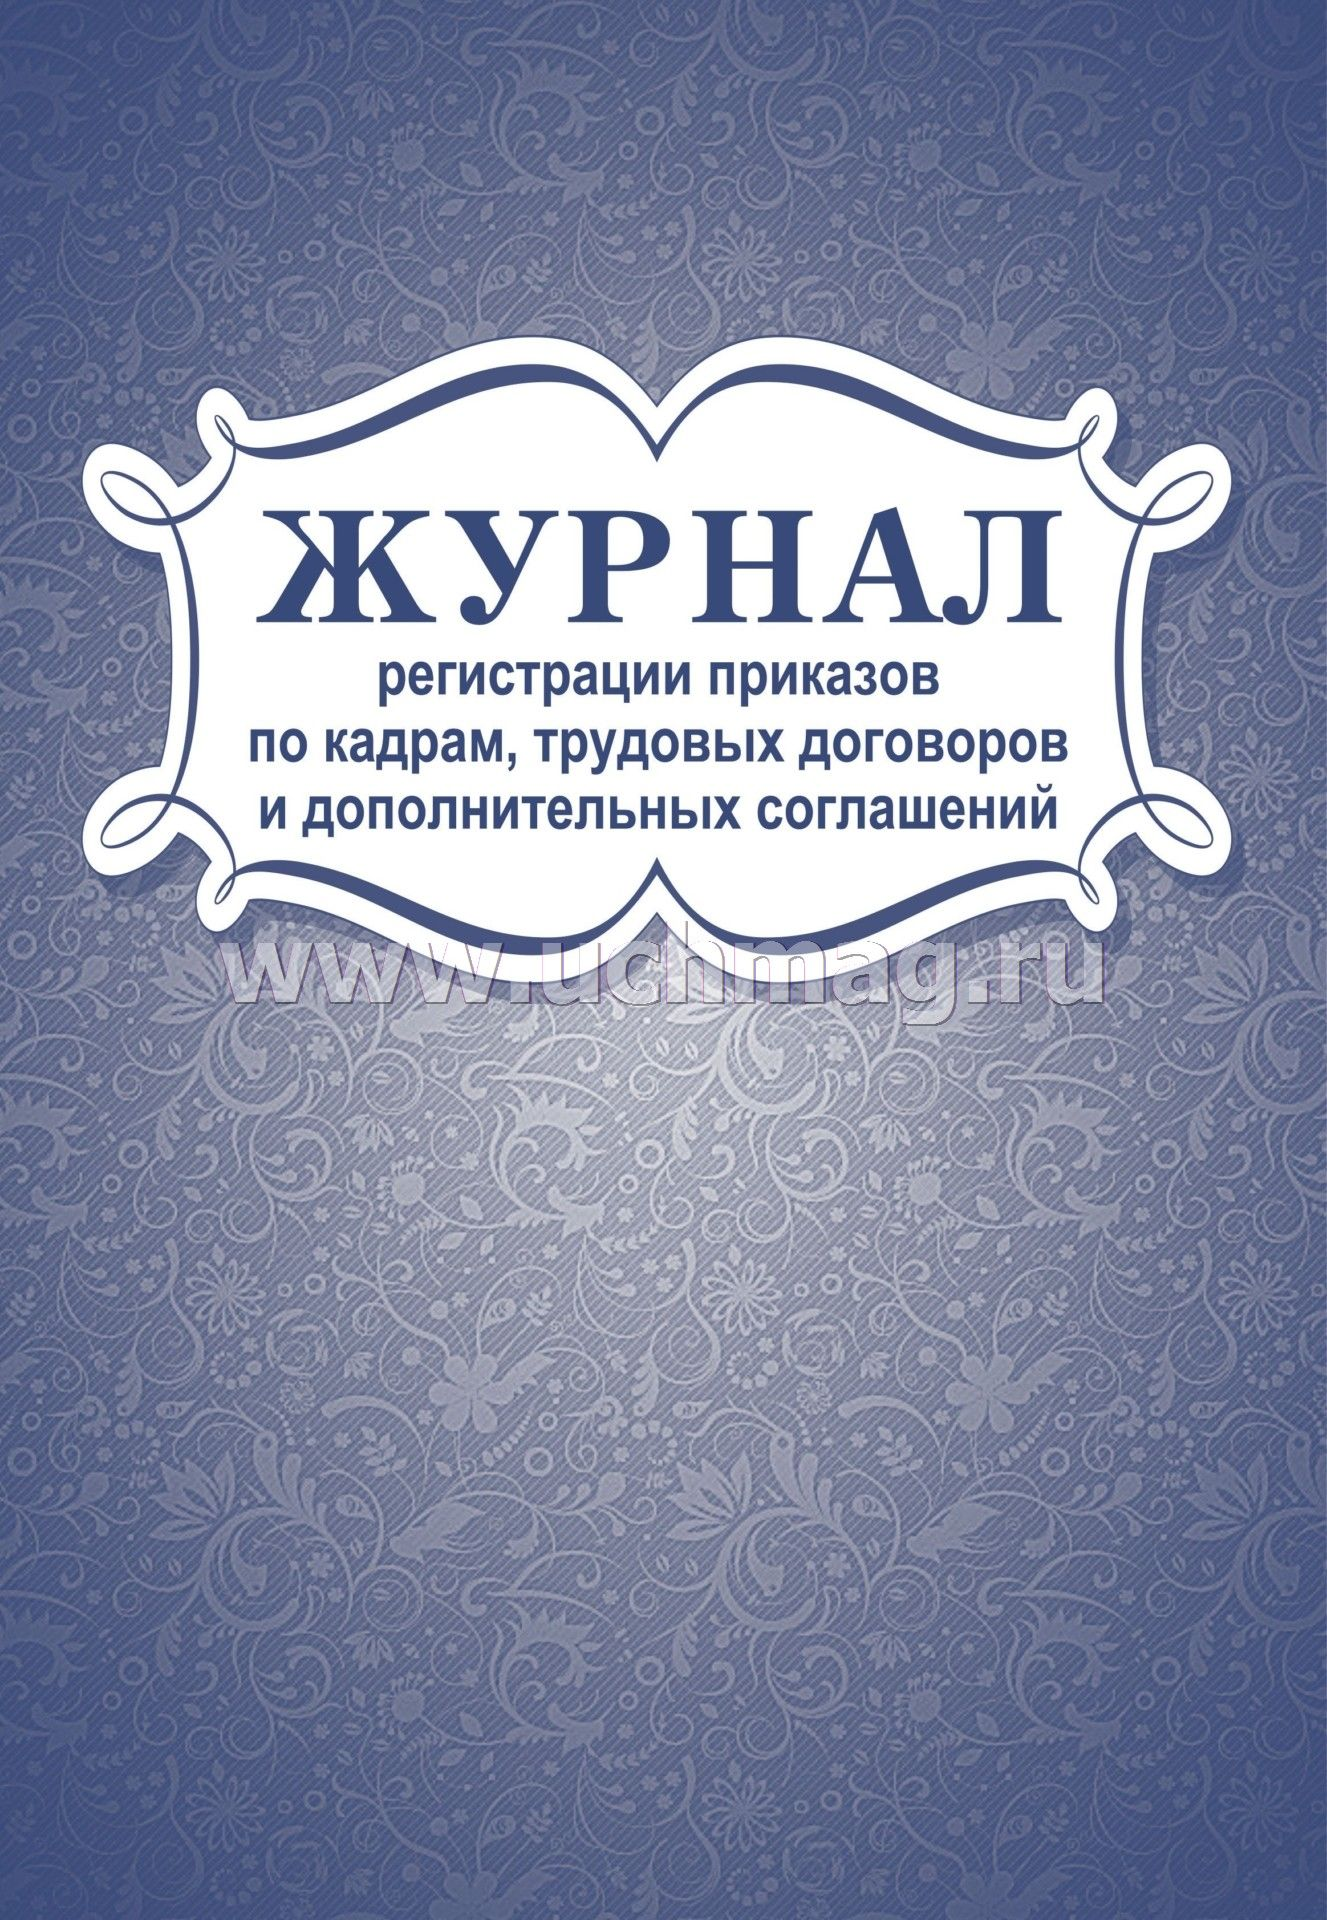 Купить книга регистрации трудовых договоров трудовой договор Щипок улица